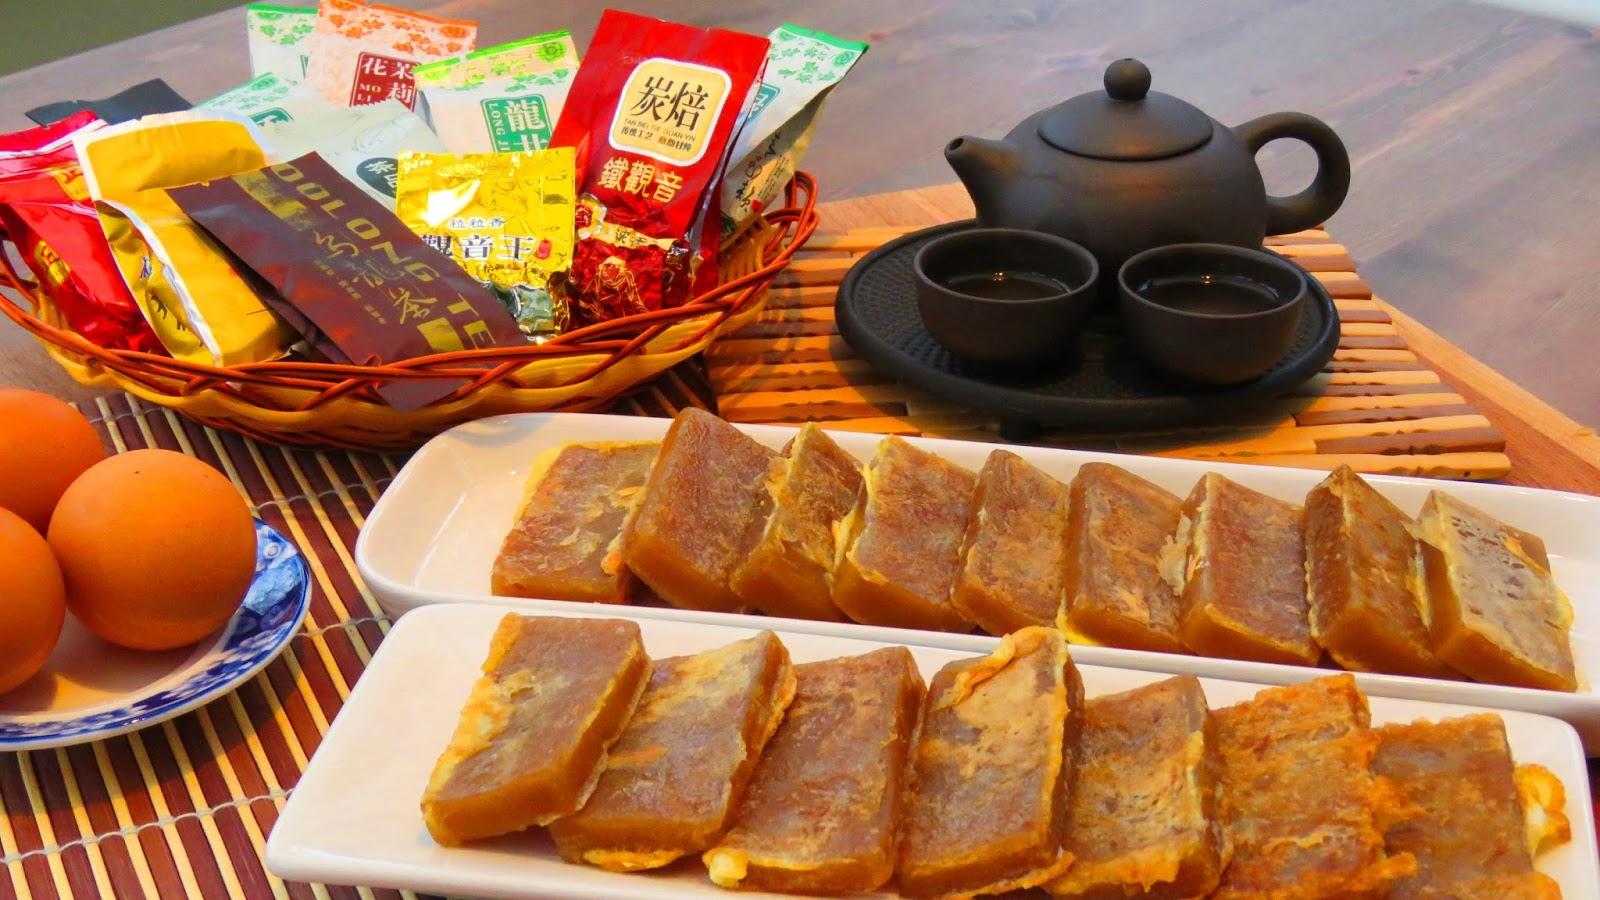 Chinese New Year Rice Cake Recipe